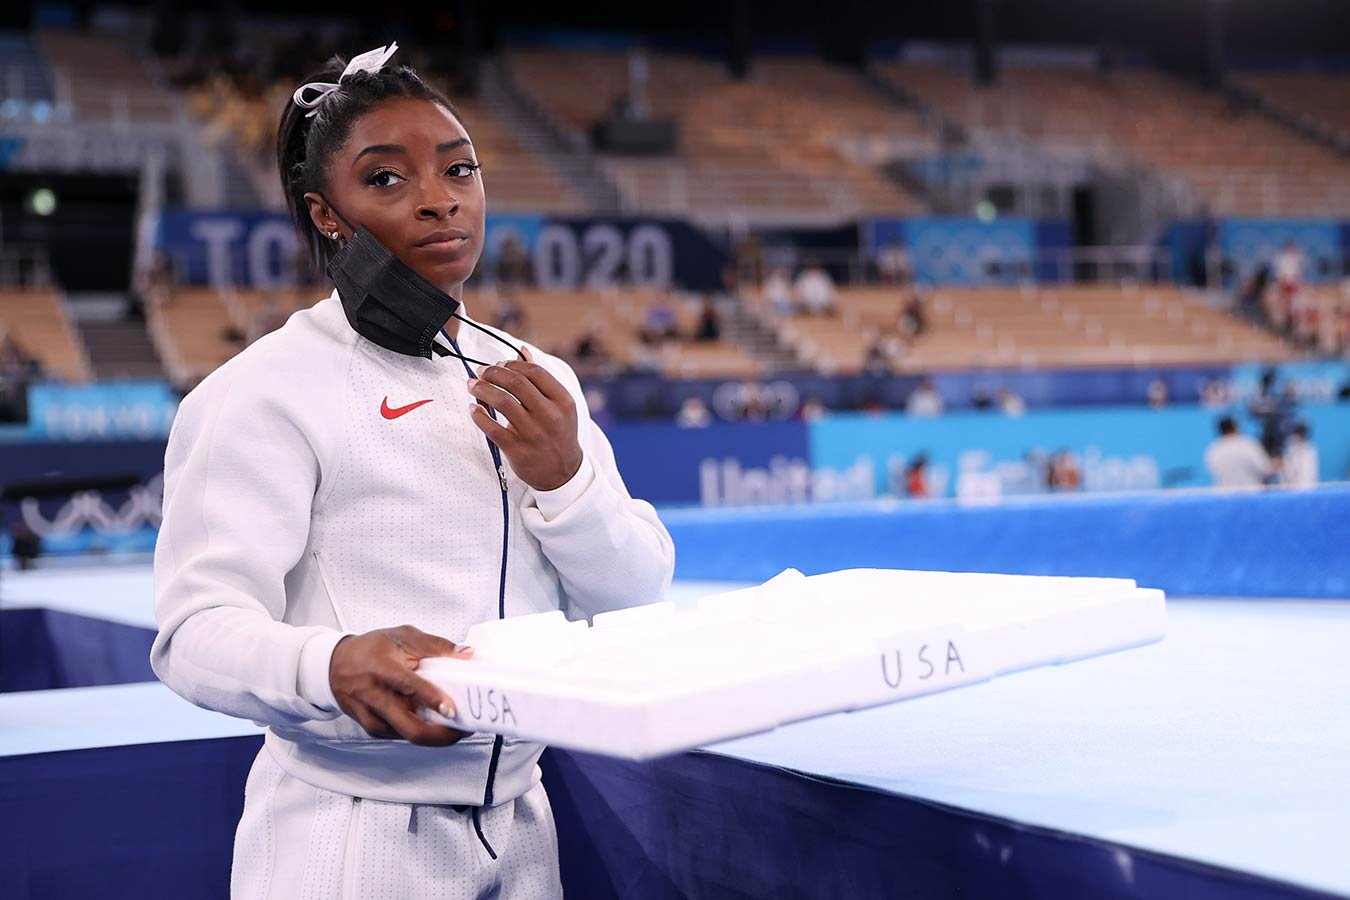 Байлз тайно тренировалась в зале за пределами Токио перед завоеванием олимпийской бронзы